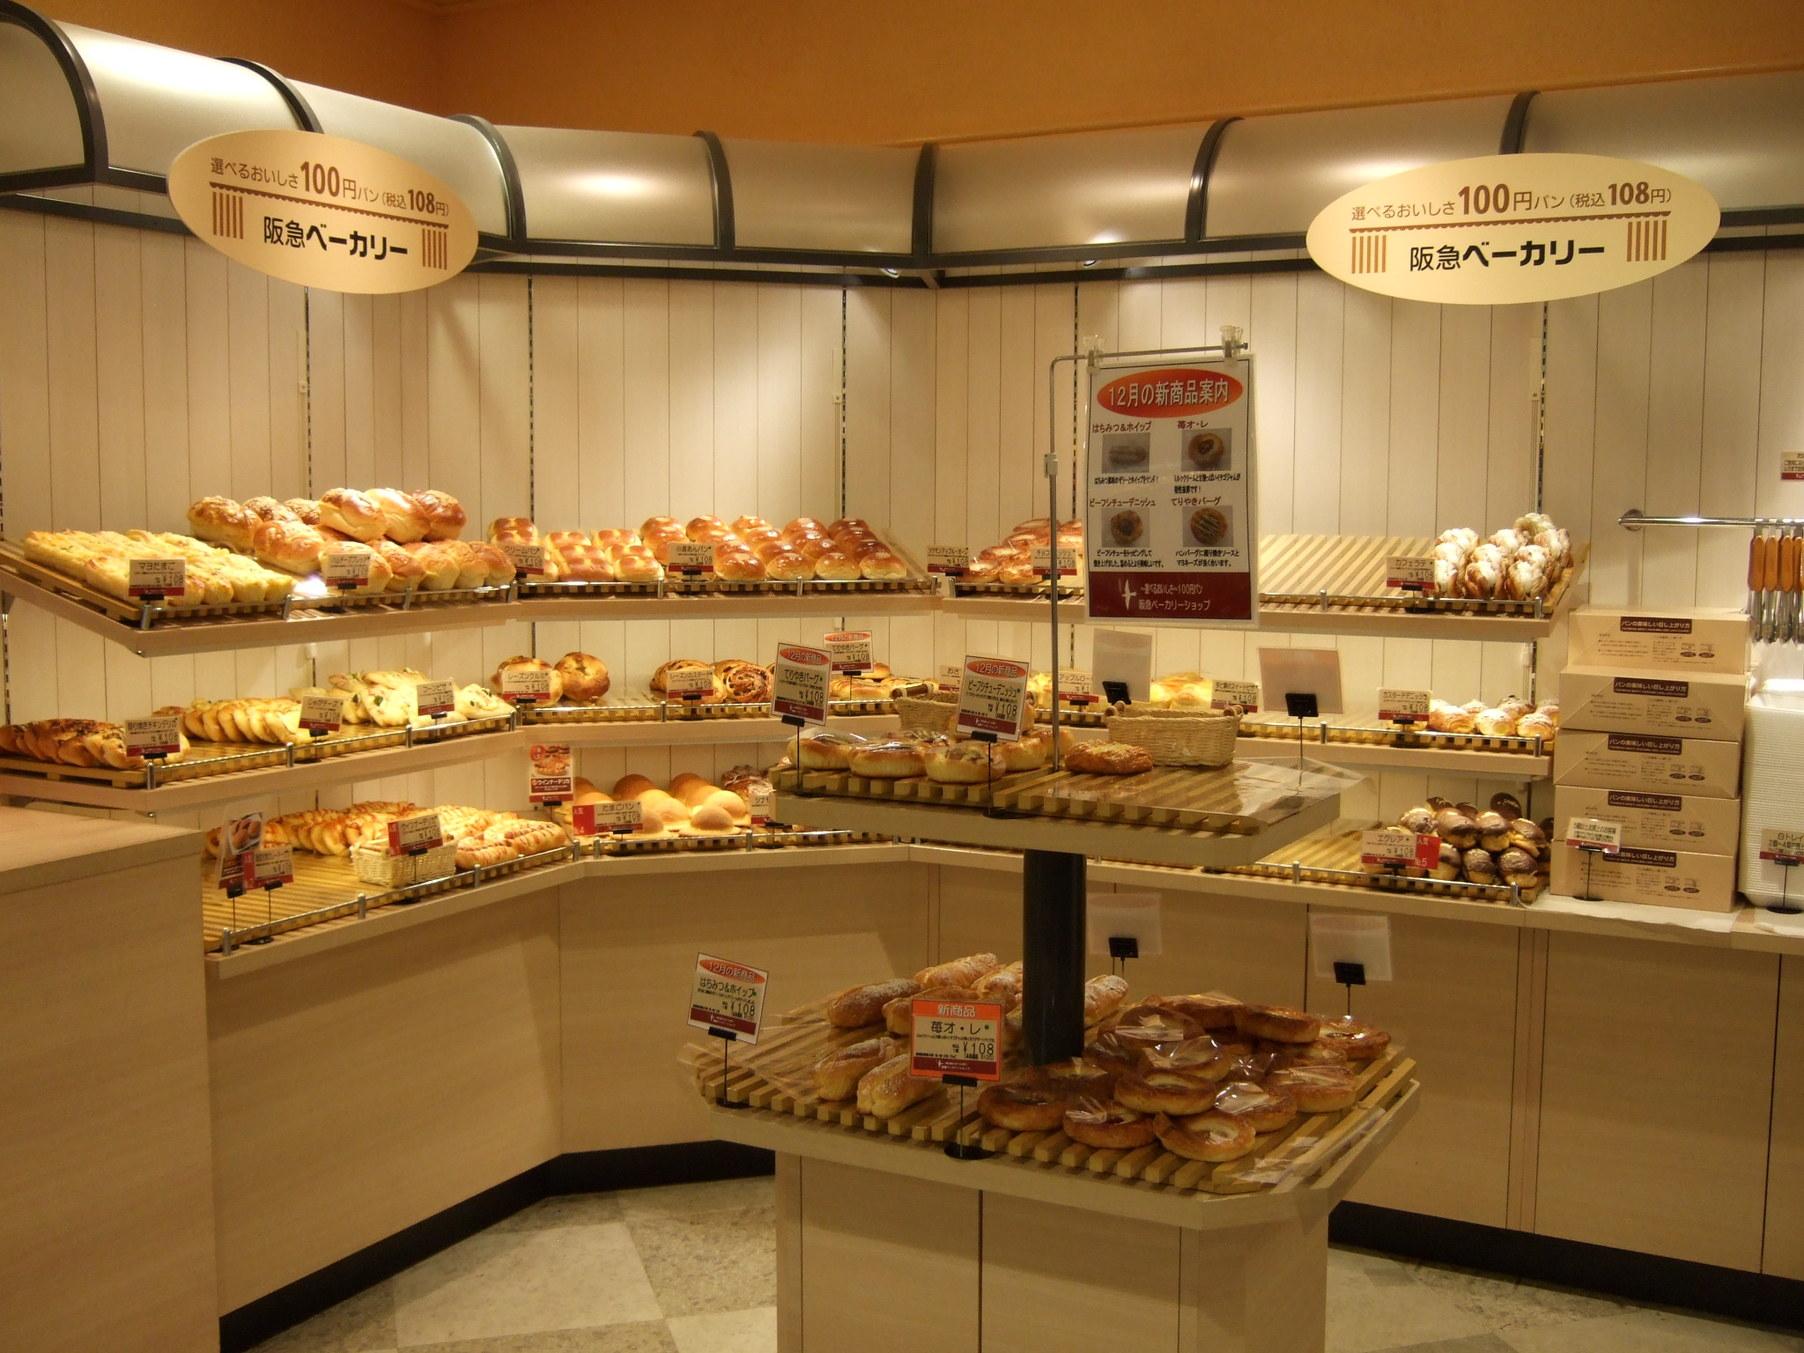 阪急ベーカリー 宝塚阪急店